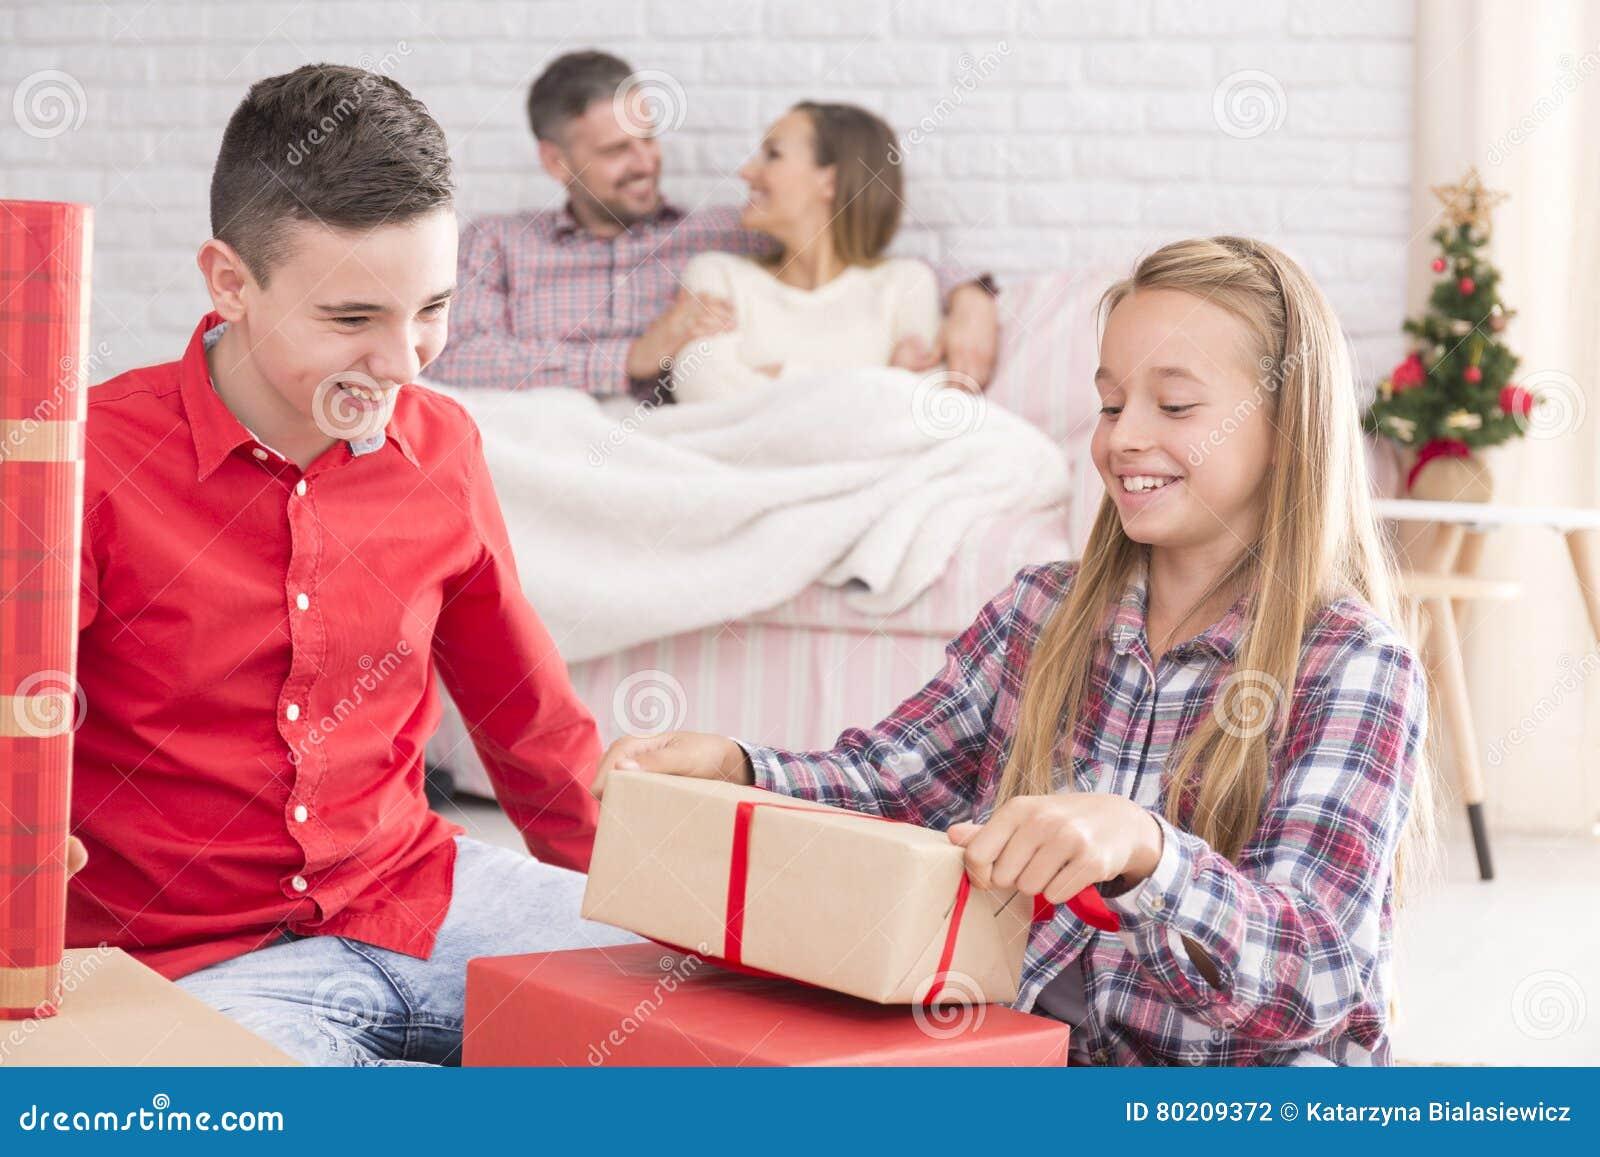 Schwester Und Bruder, Die Geschenke Auspacken Stockfoto - Bild von ...